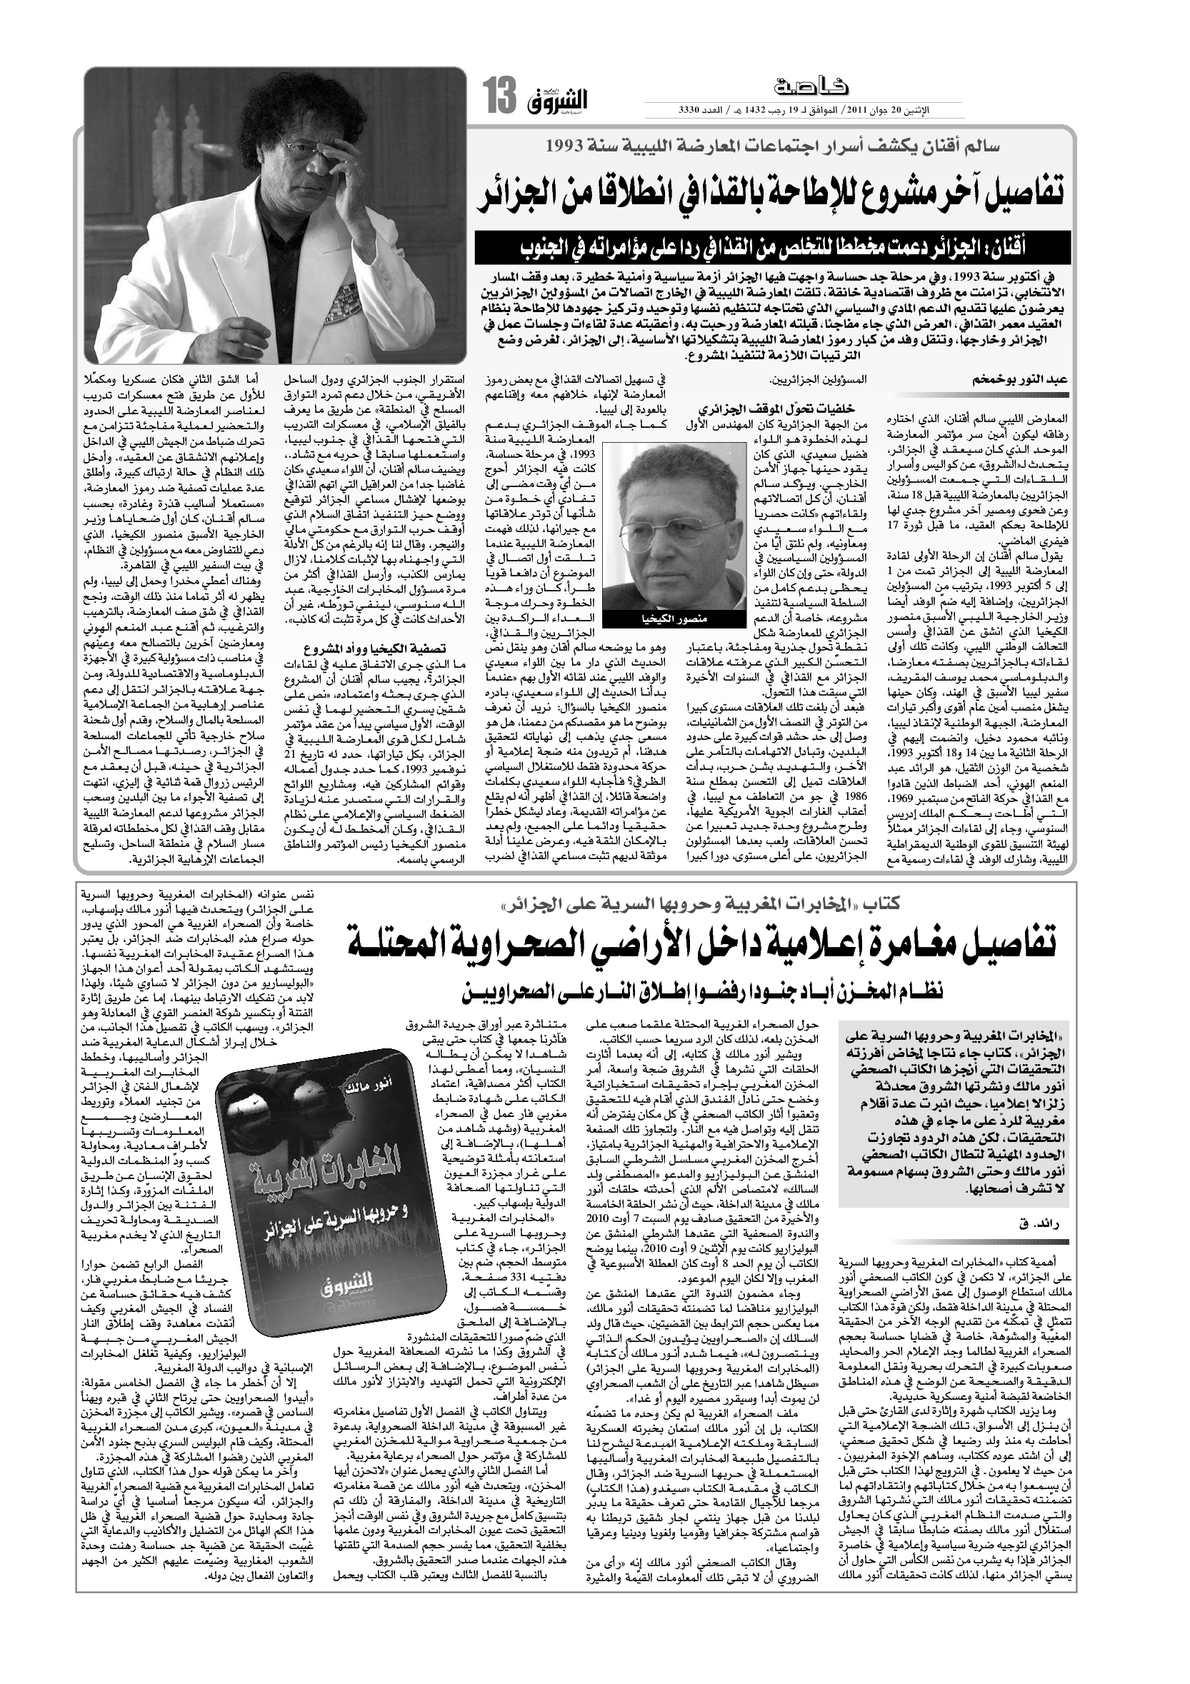 """كتاب """"المخابرات المغربية وحروبها السرية على الجزائر"""": تفاصيل مغامرة إعلامية داخل الأراضي الصحراوية المحتلة"""